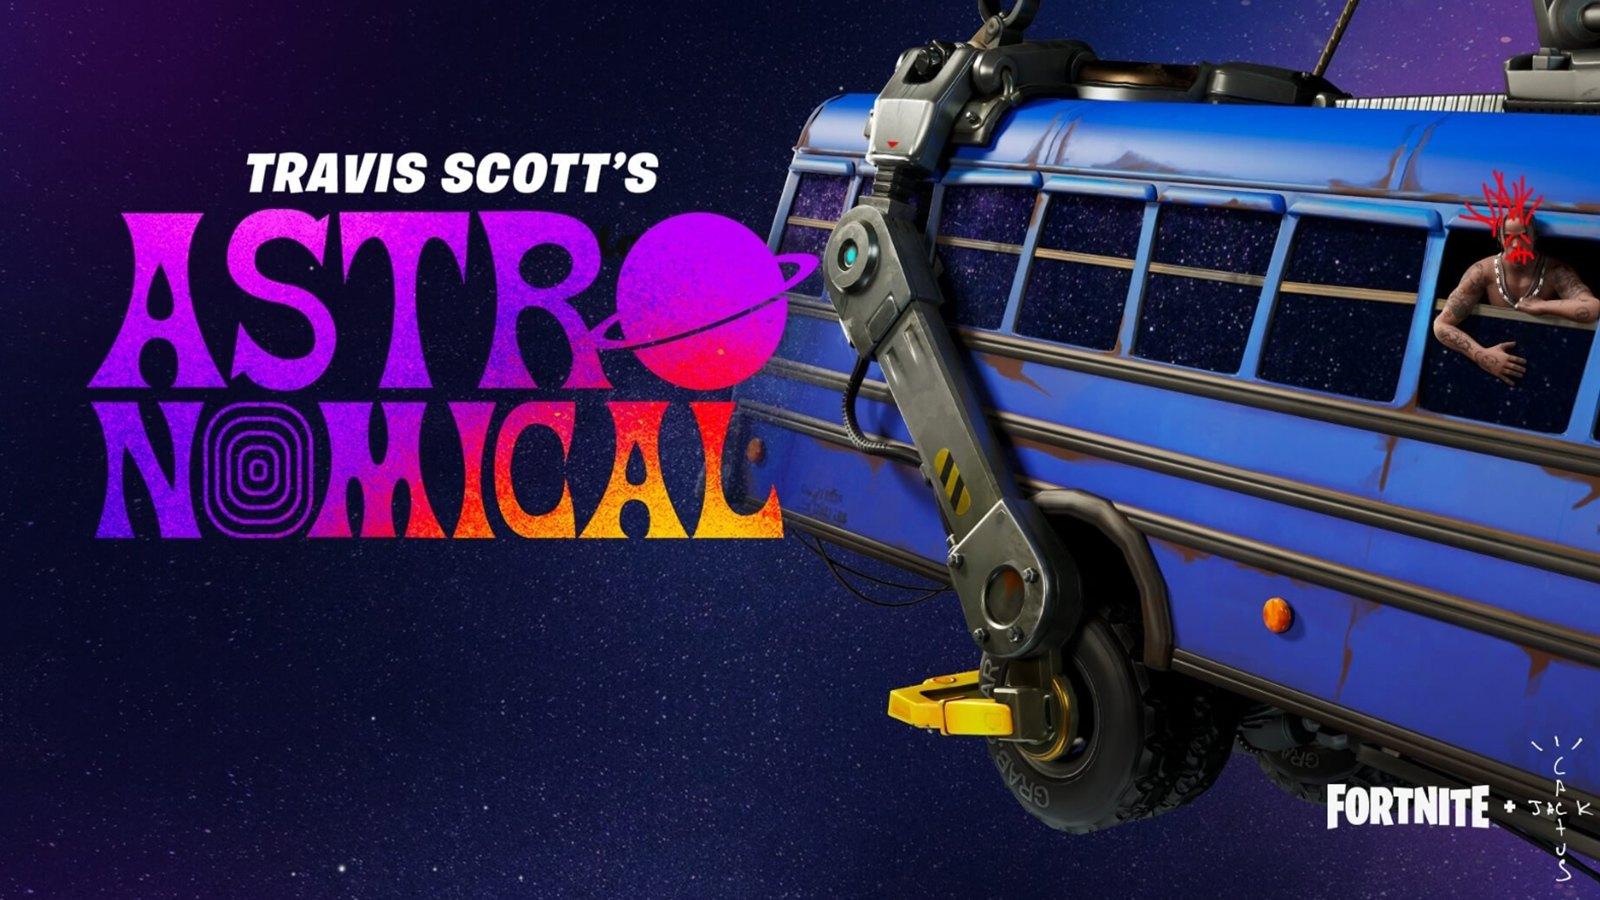 Evenement Astronomical de Travis Scott sur Fortnite